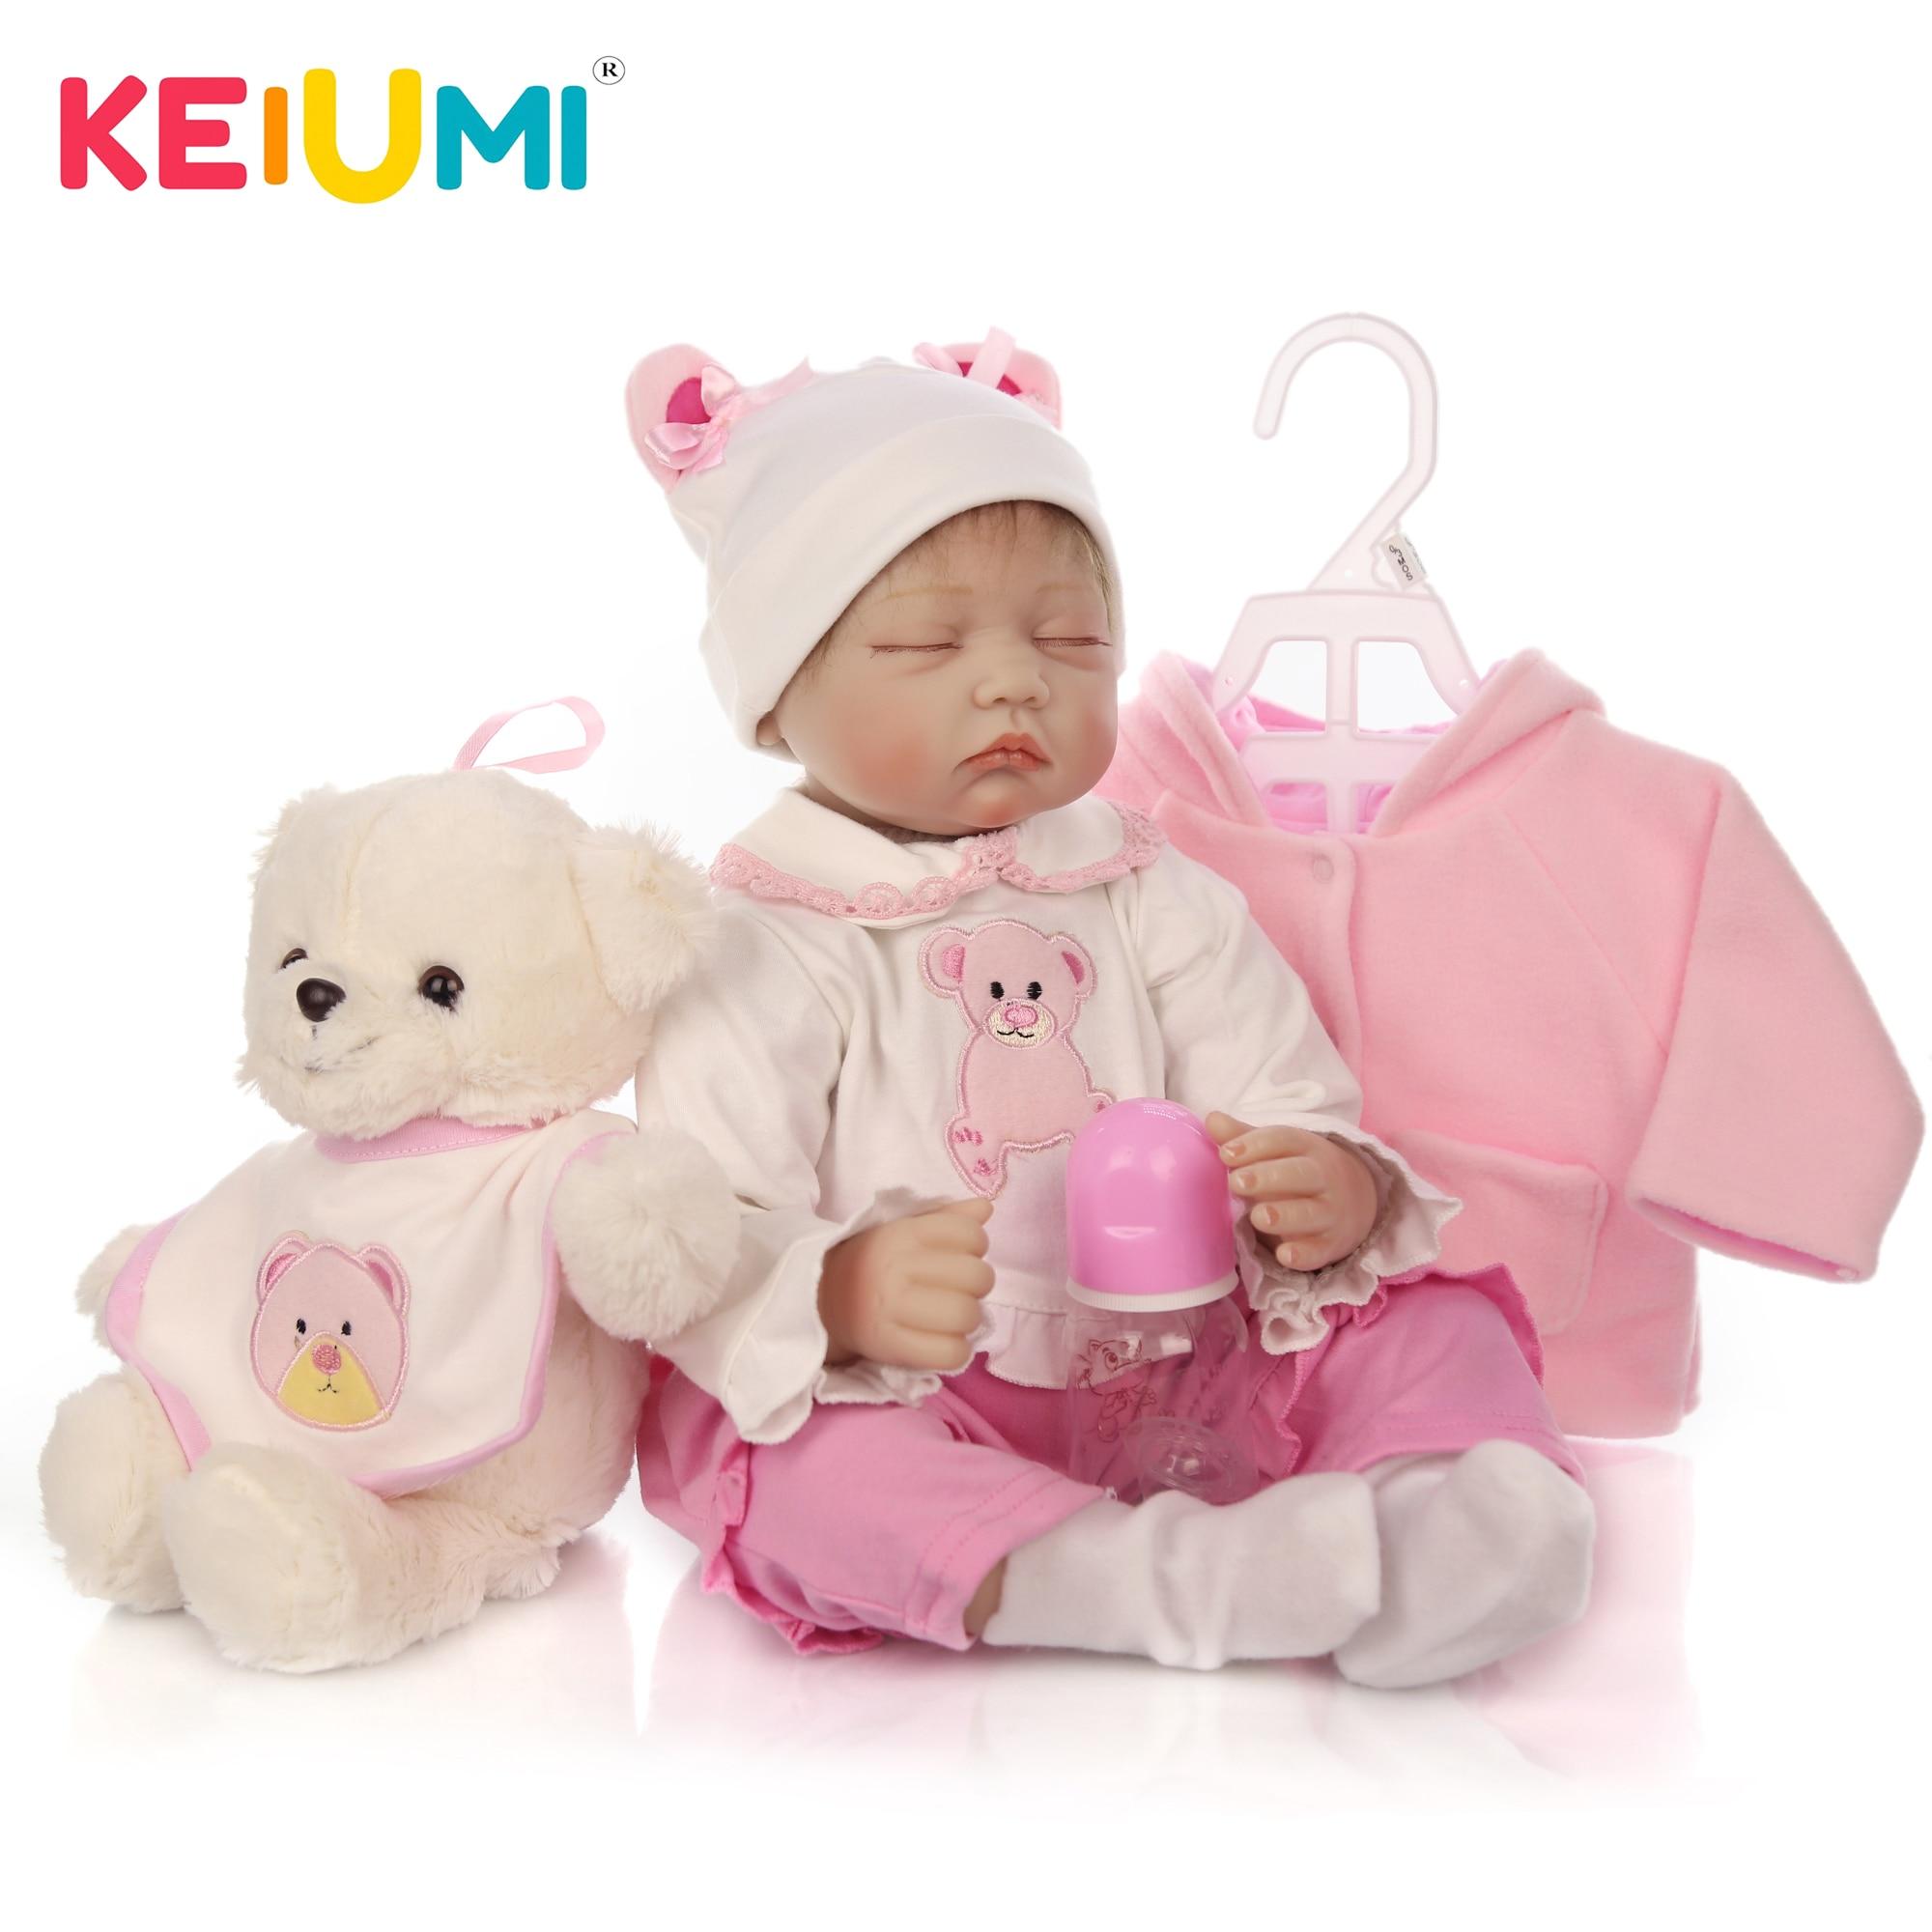 KEIUMI 22 pouces 55 cm nouveau né poupée avec Silicone souple vinyle fille jouet réaliste Reborn bébé poupée tissu corps pour enfant cadeaux de noël-in Poupées from Jeux et loisirs    1